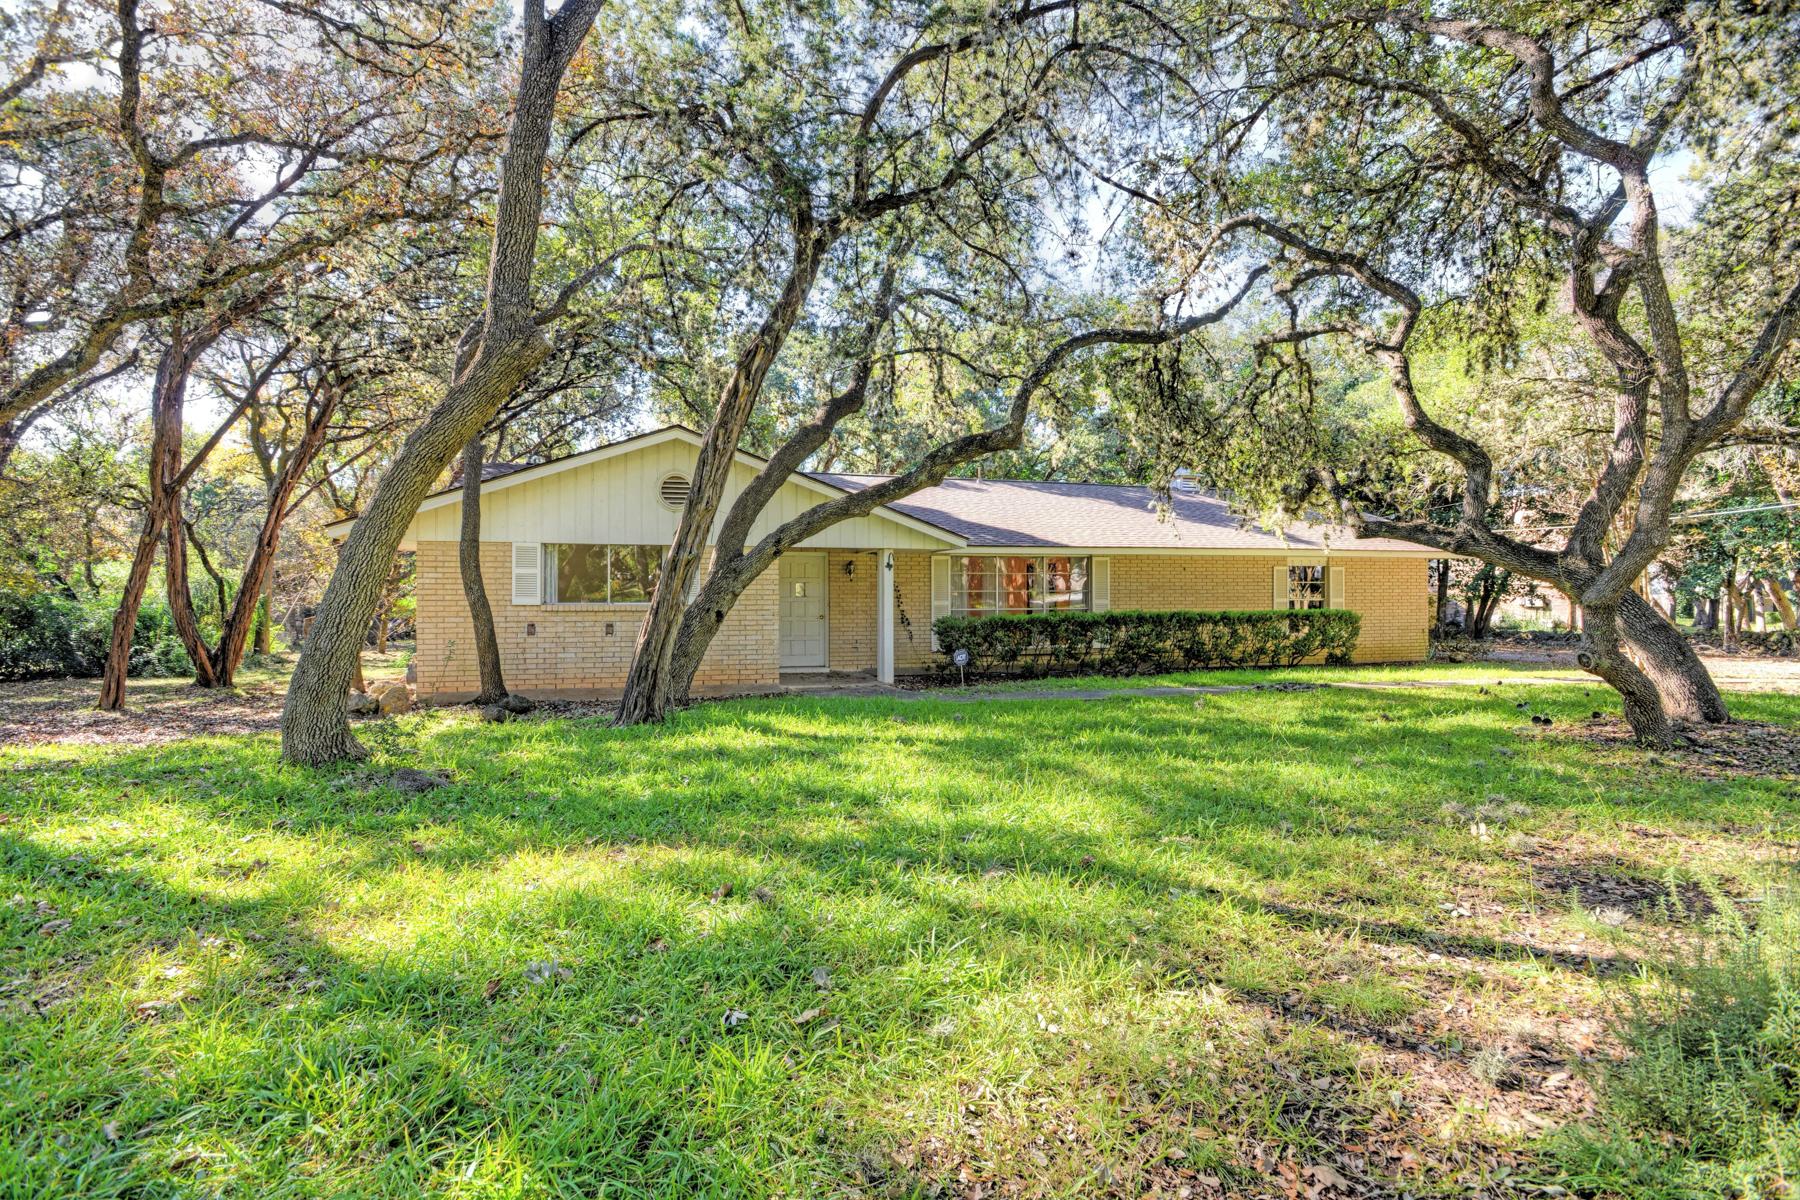 Casa Unifamiliar por un Venta en Stunning Single-Story Property in Shavano Park 118 Elm Spring Ln Shavano Park, Texas 78231 Estados Unidos